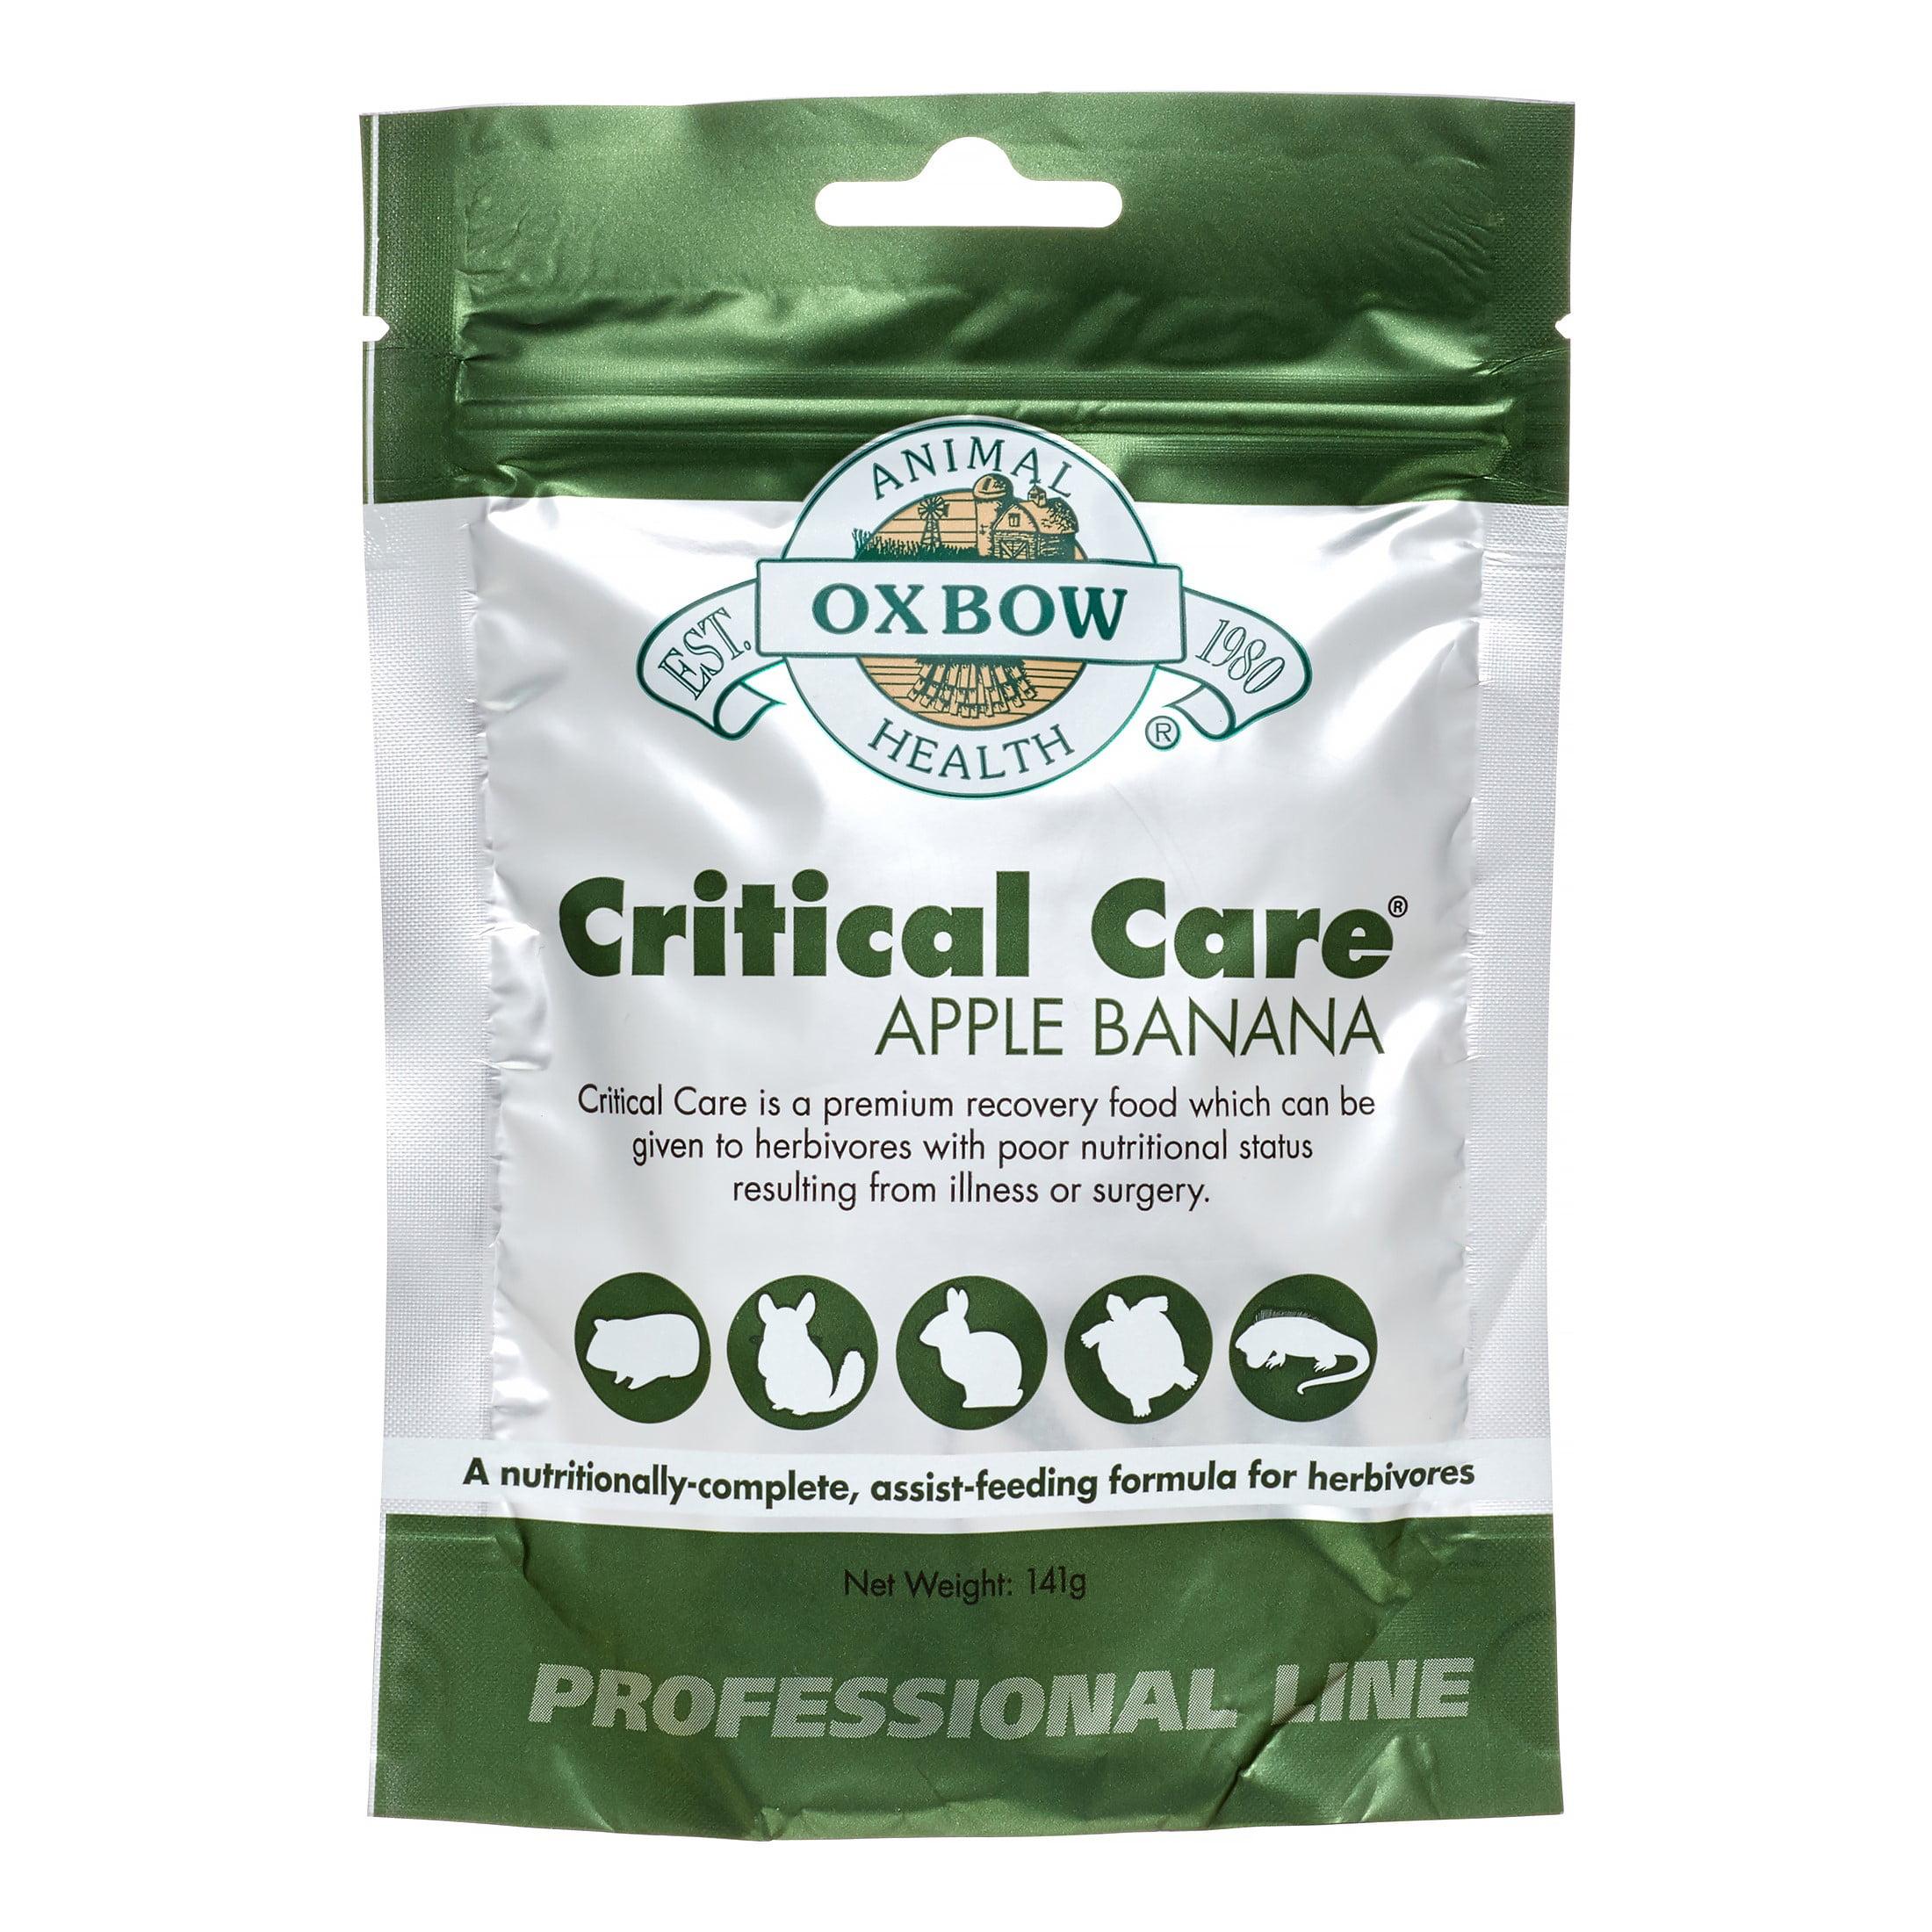 Oxbow Critical Care Small Animal Food, Apple Banana, 4.9 Oz